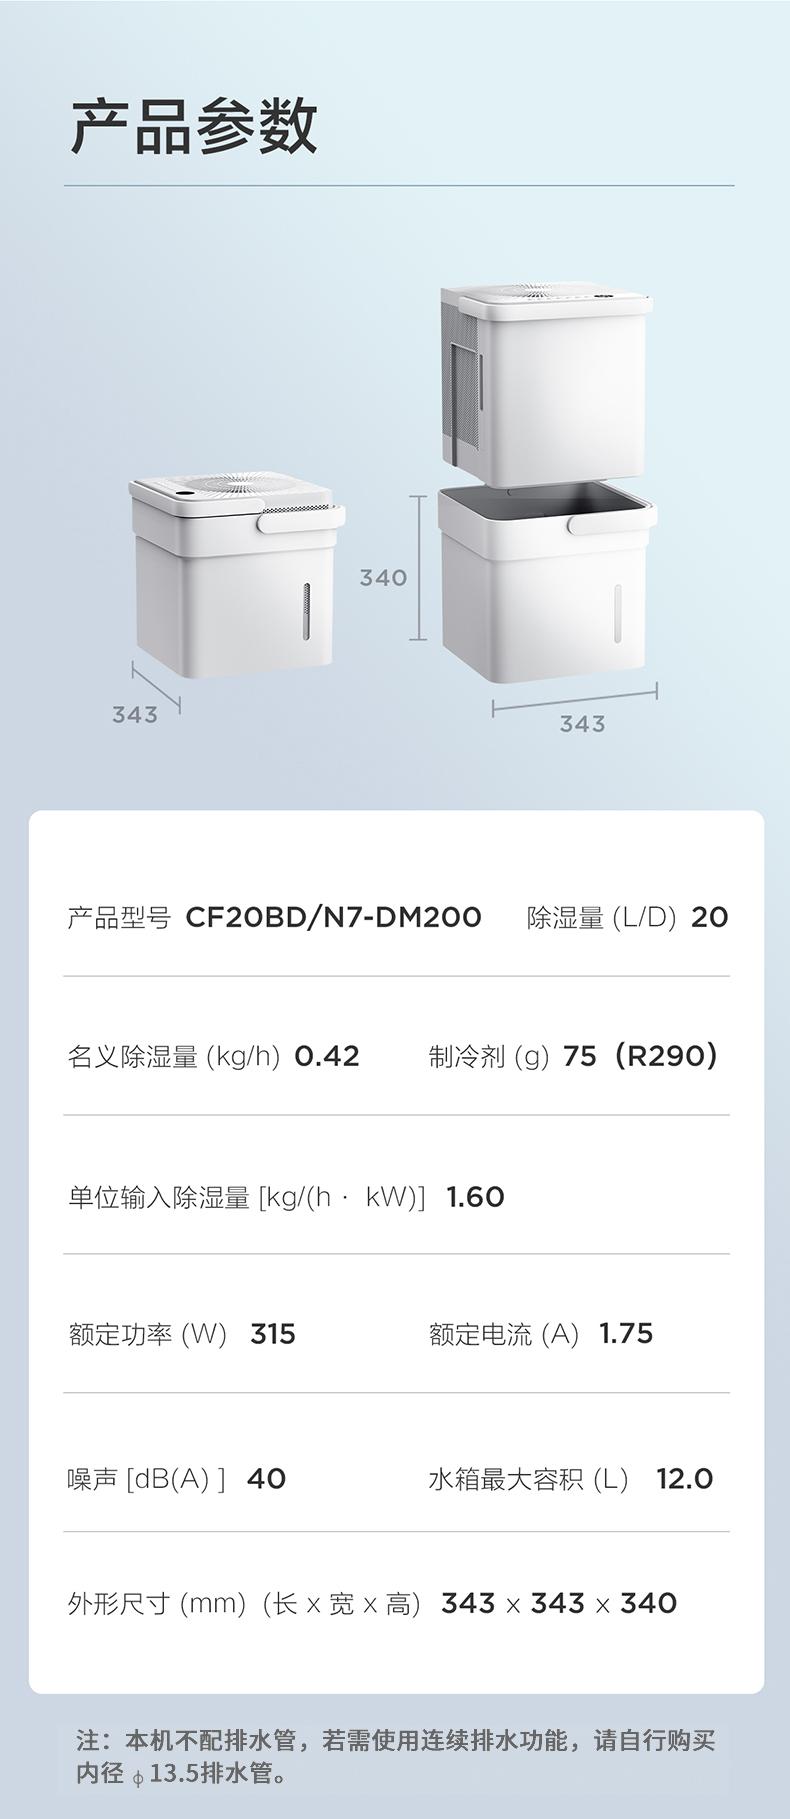 37775-美的(Midea)除湿机/抽湿机 20升/天 手机智控家用小方物吸湿器干衣净化 美的智能极地系列 CF20BD/N7-DM200-详情图